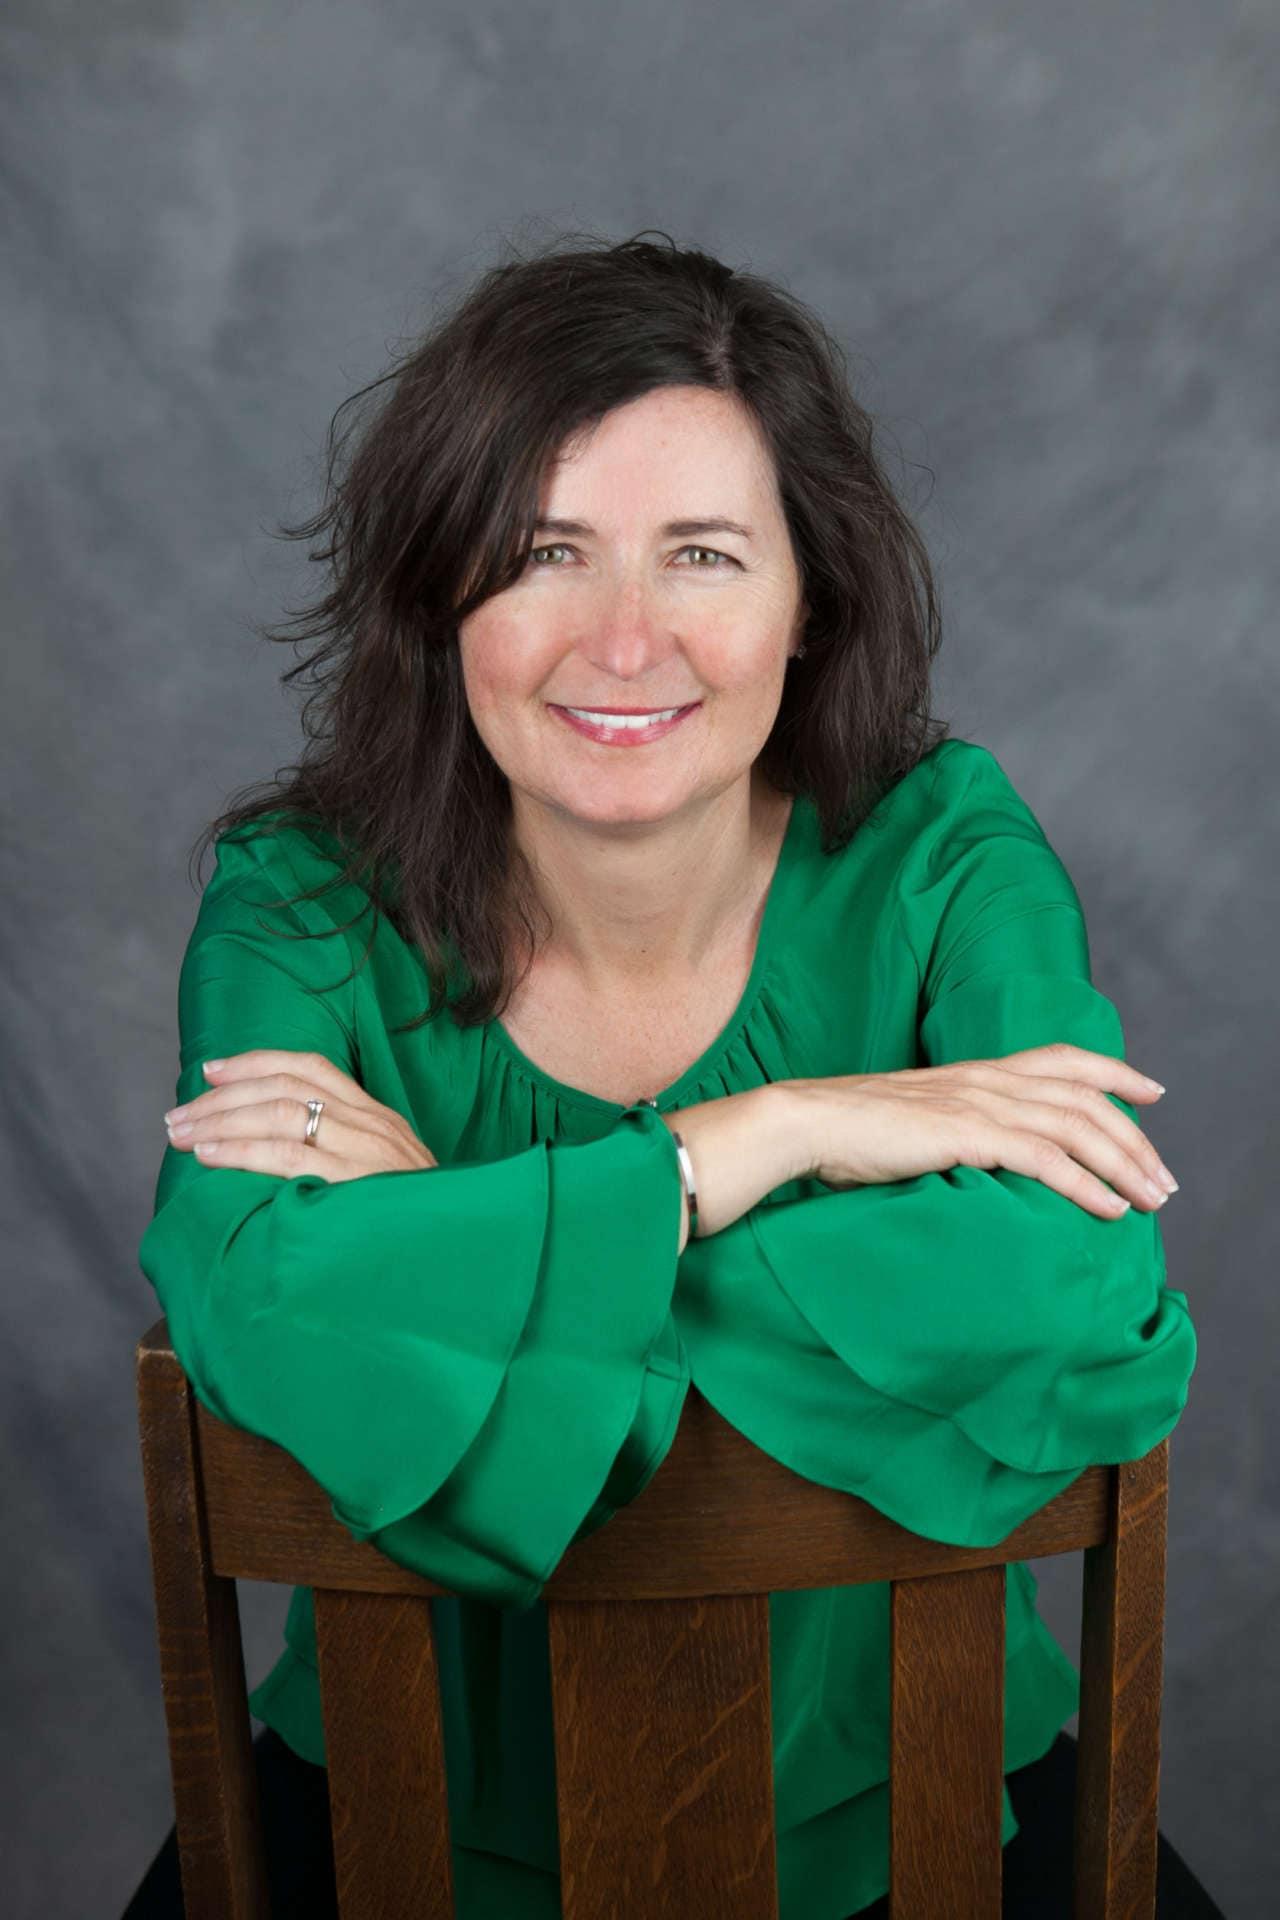 Audrey DeBarros